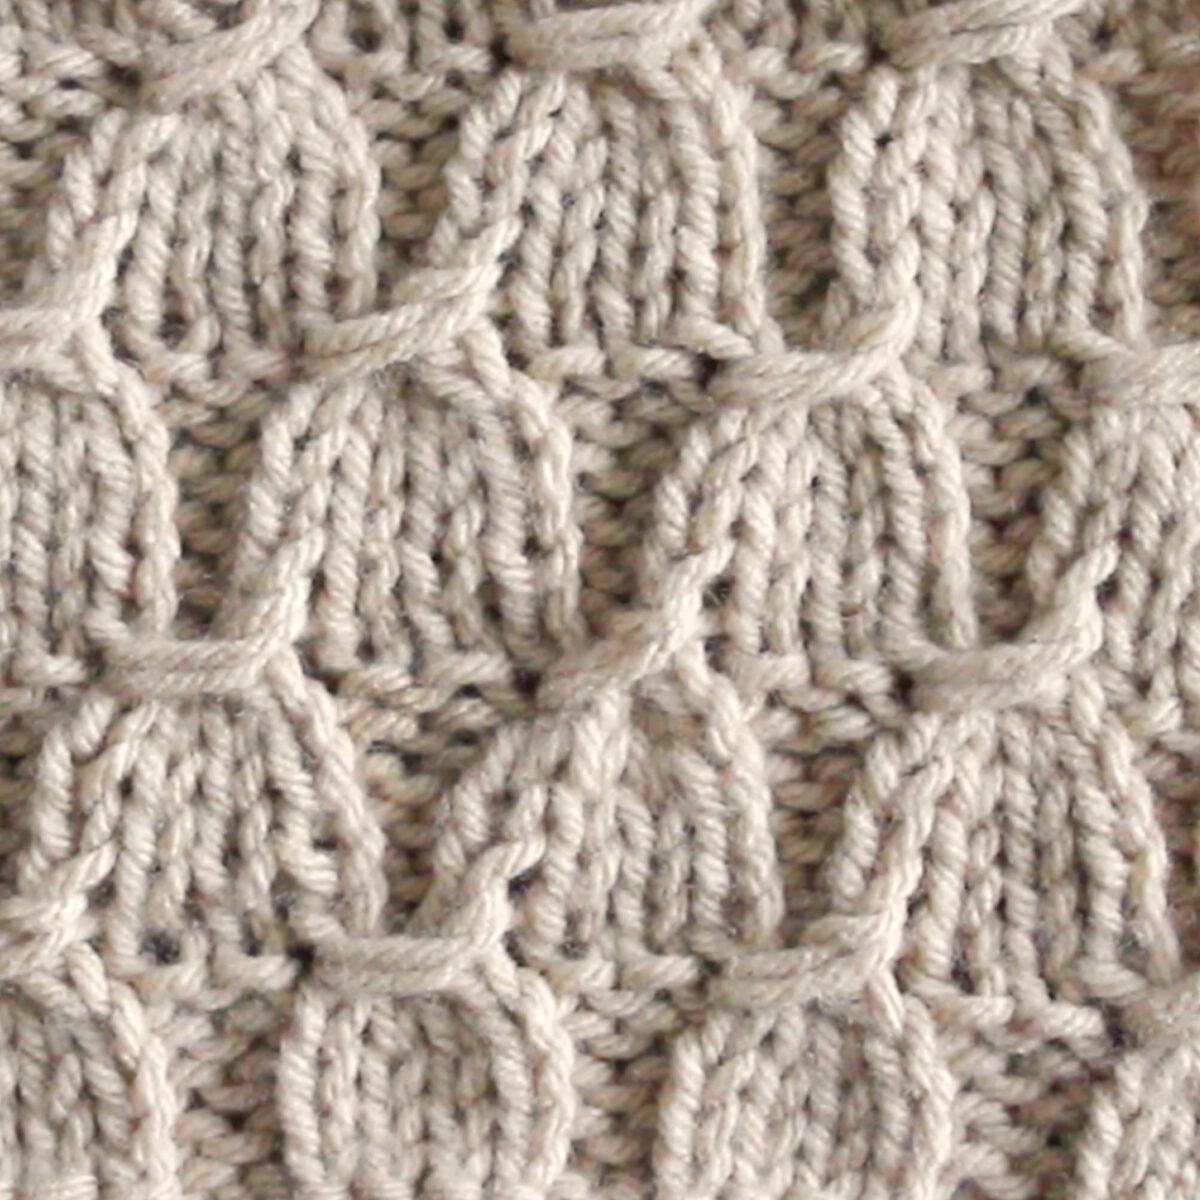 Tassel Stitch Knitting Pattern in Beige color yarn.